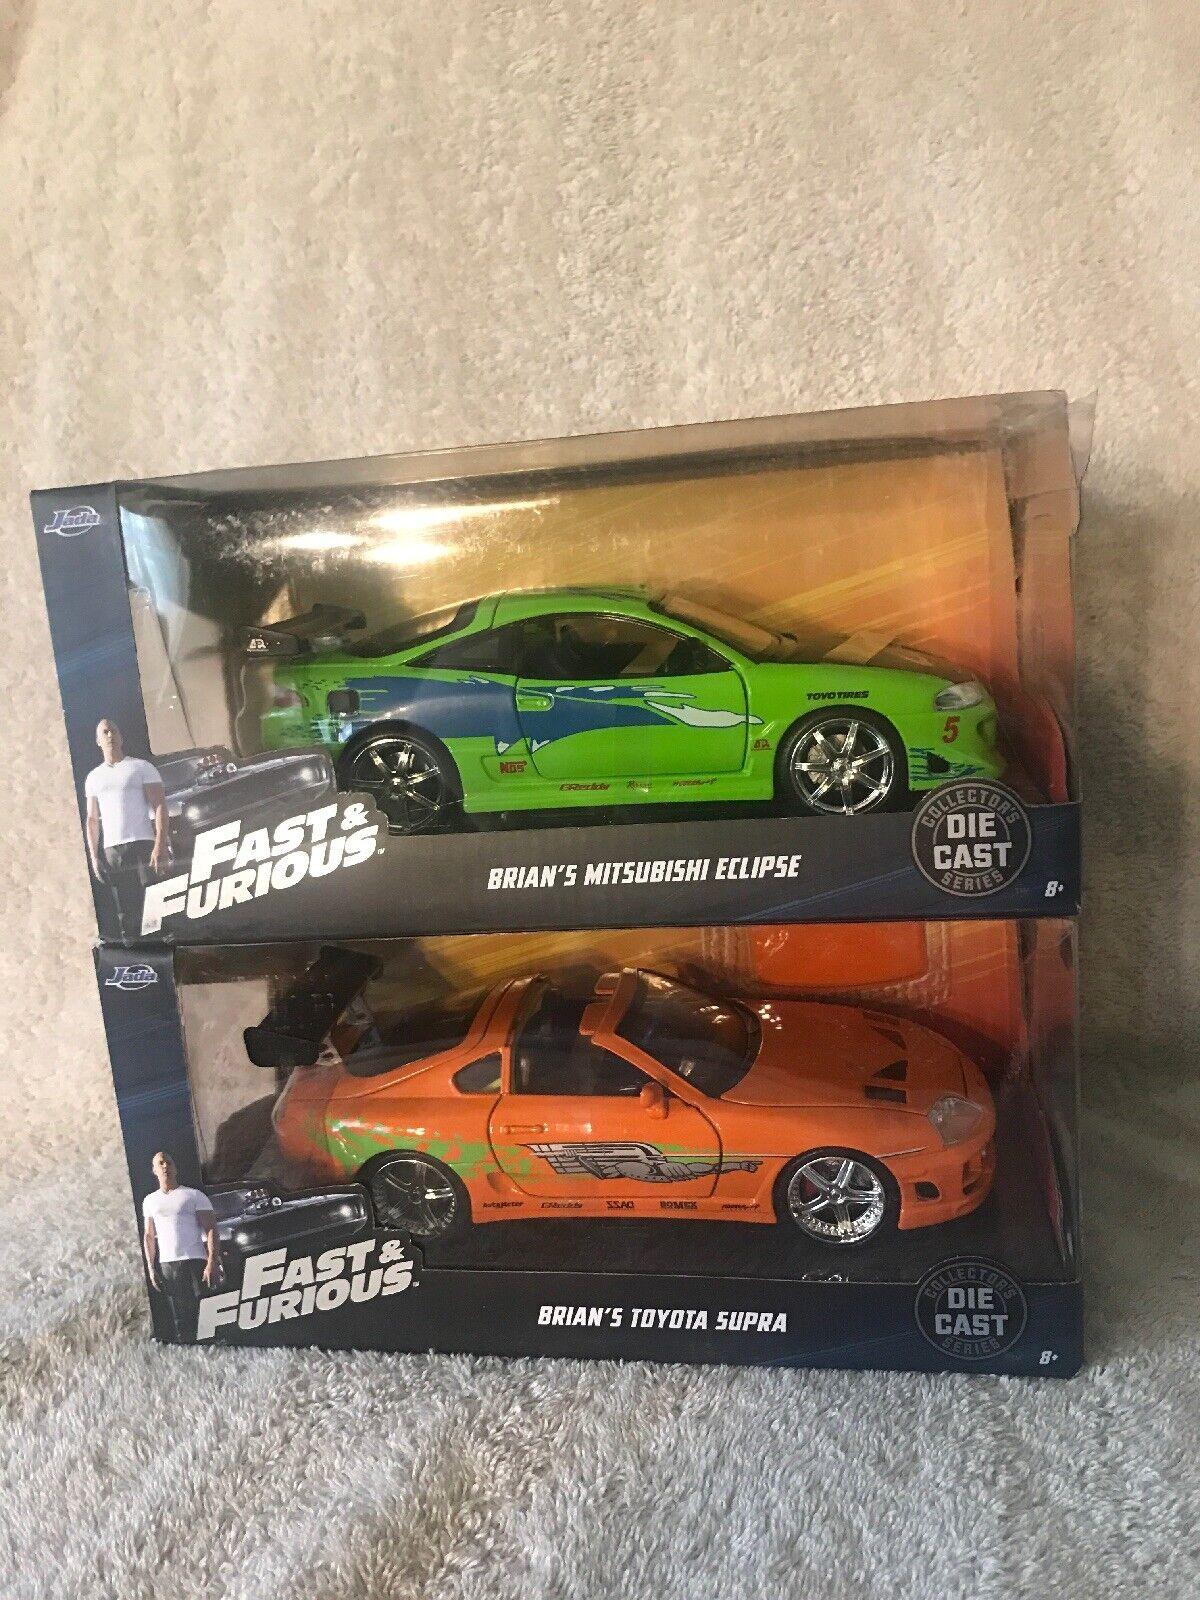 Jada 1 24 Fast & Furious Brian's 95 orage Toyota Supra + BRIAN'S vert eclipse